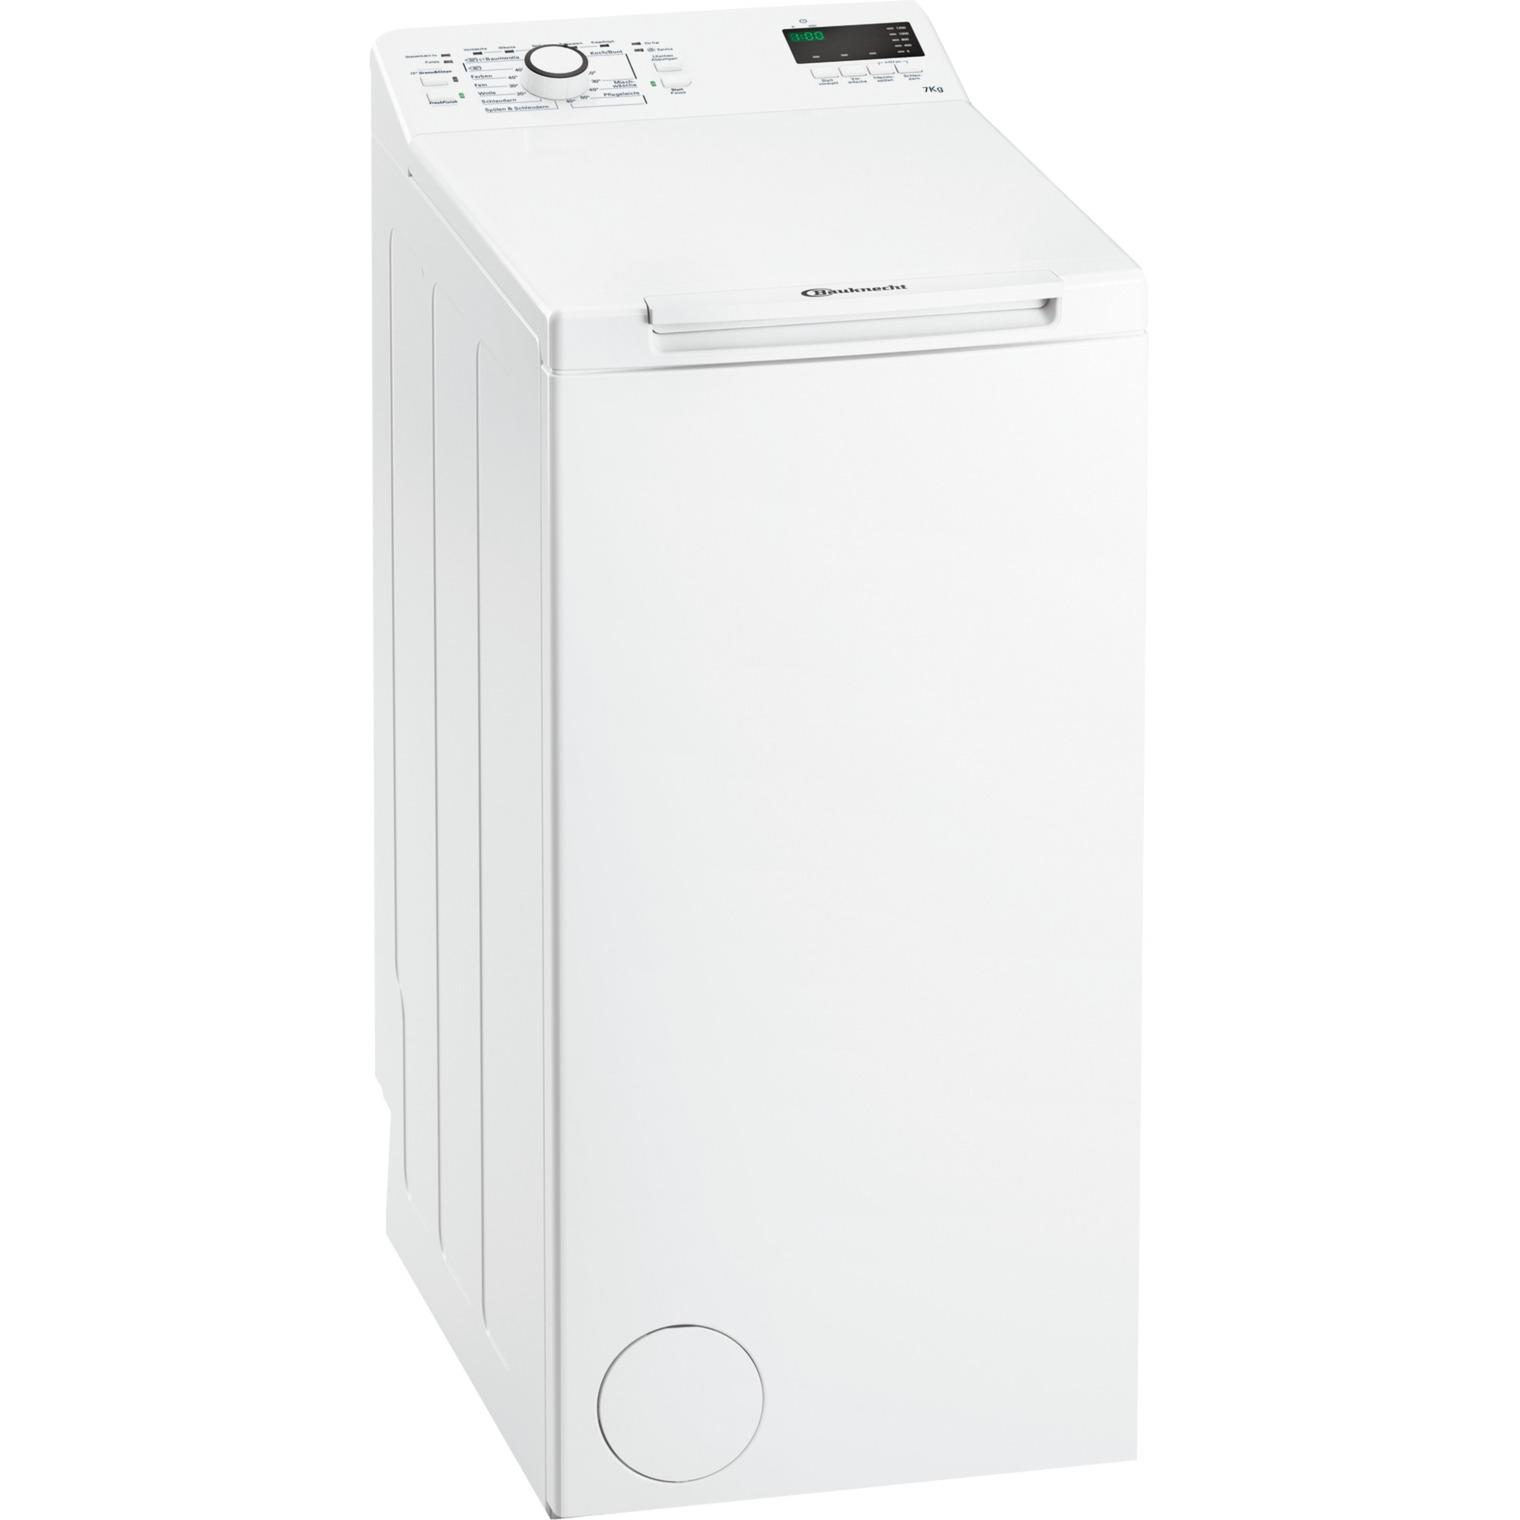 Bauknecht WMT EcoStar 732 Di, Waschmaschine